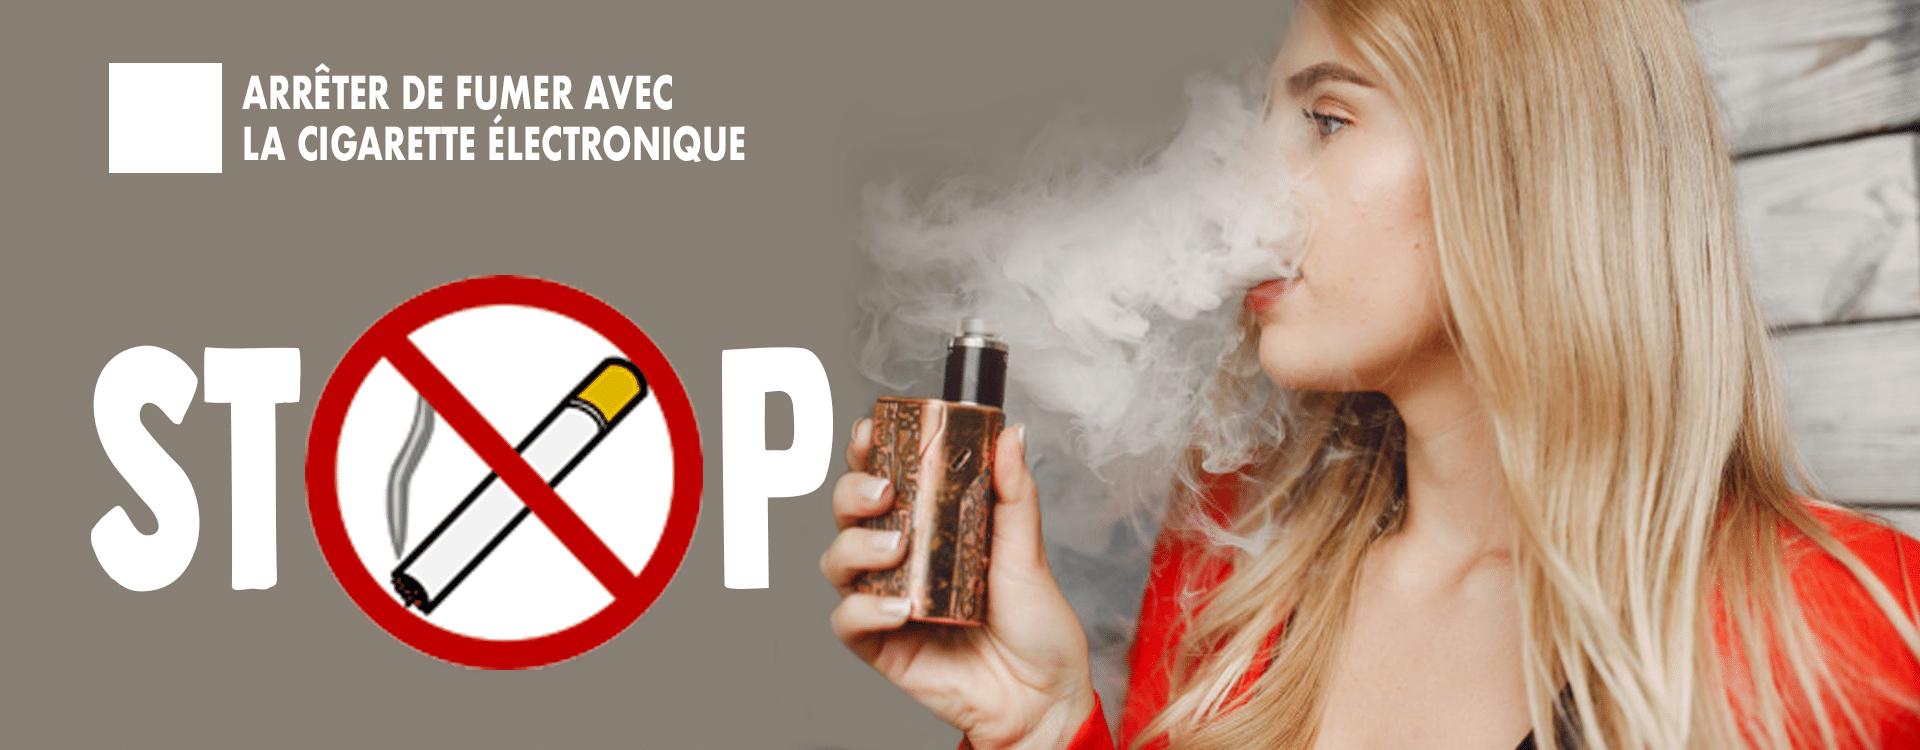 cigarette électronique : choisir un kit adapté à son profi